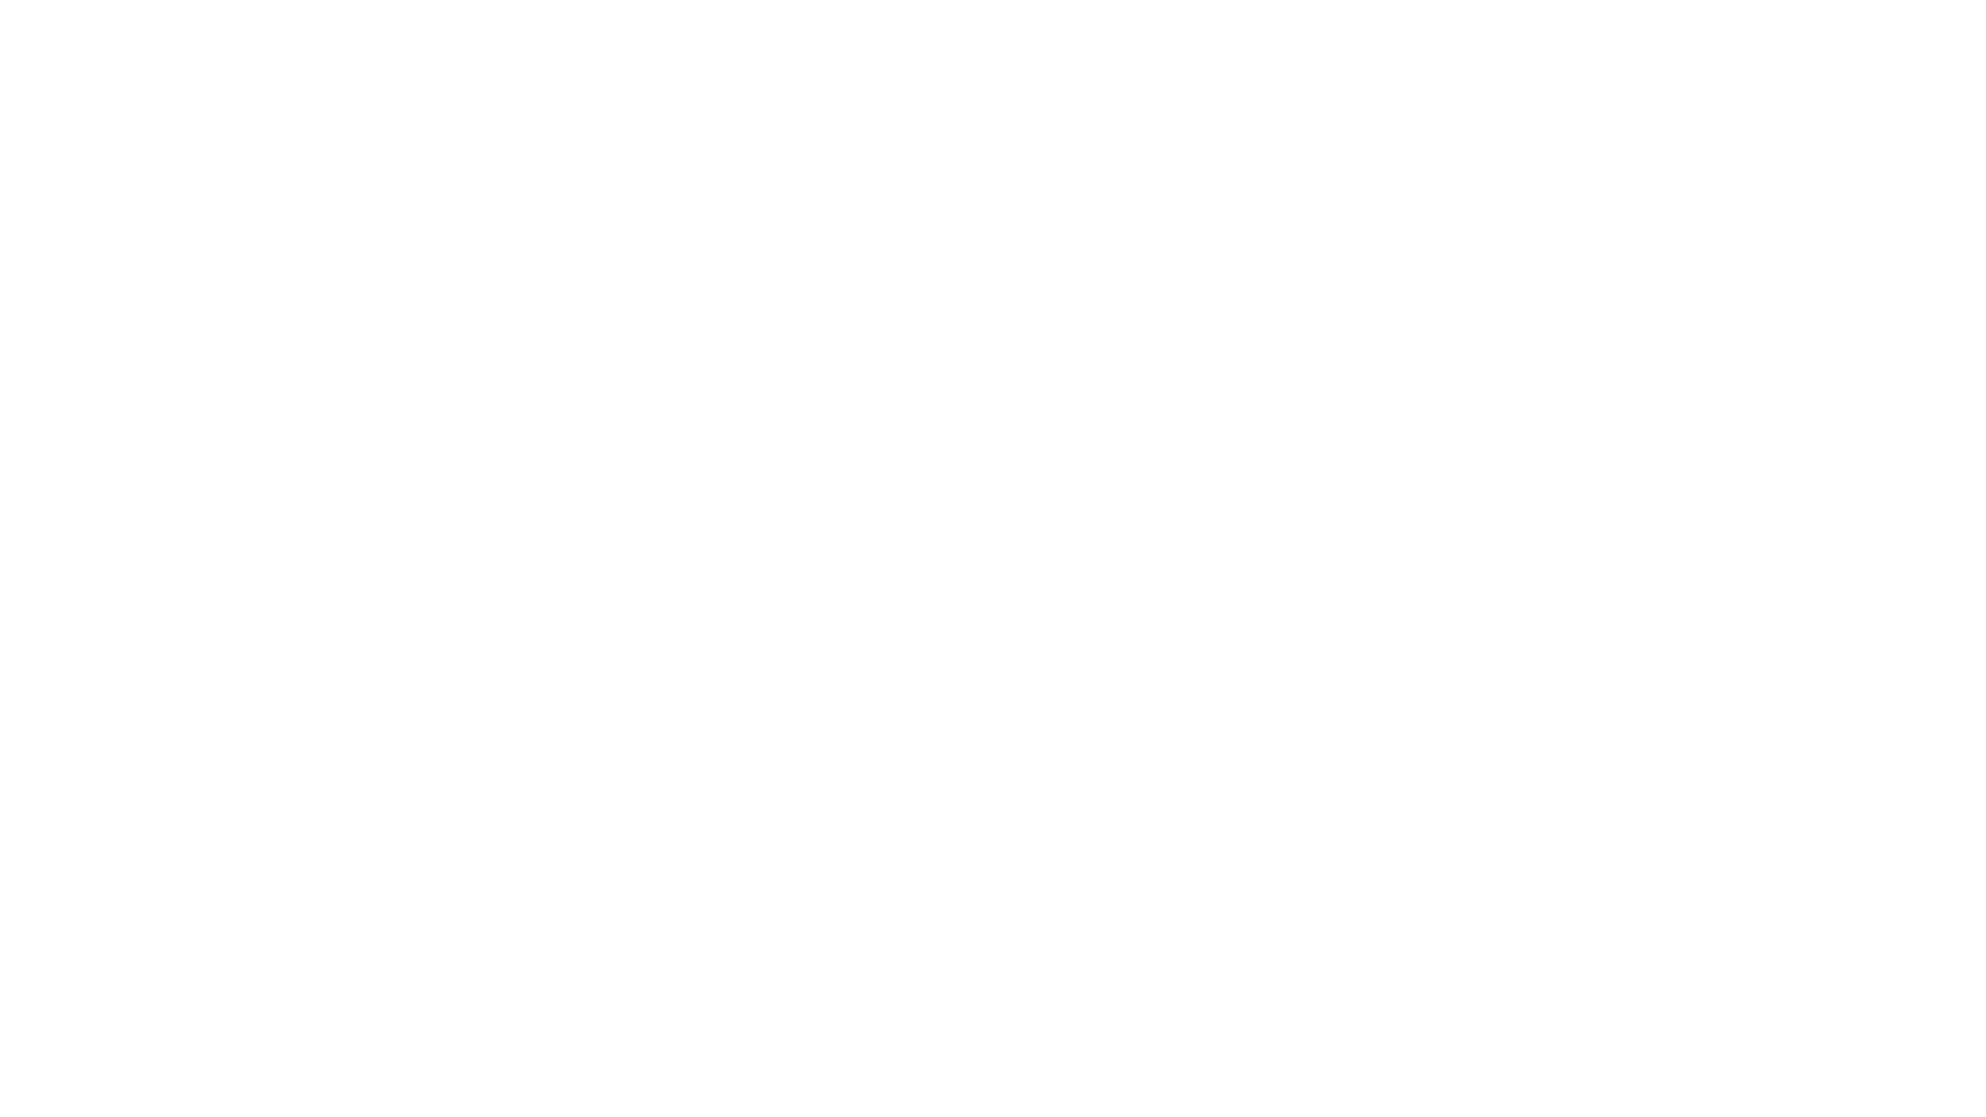 MEDILIST